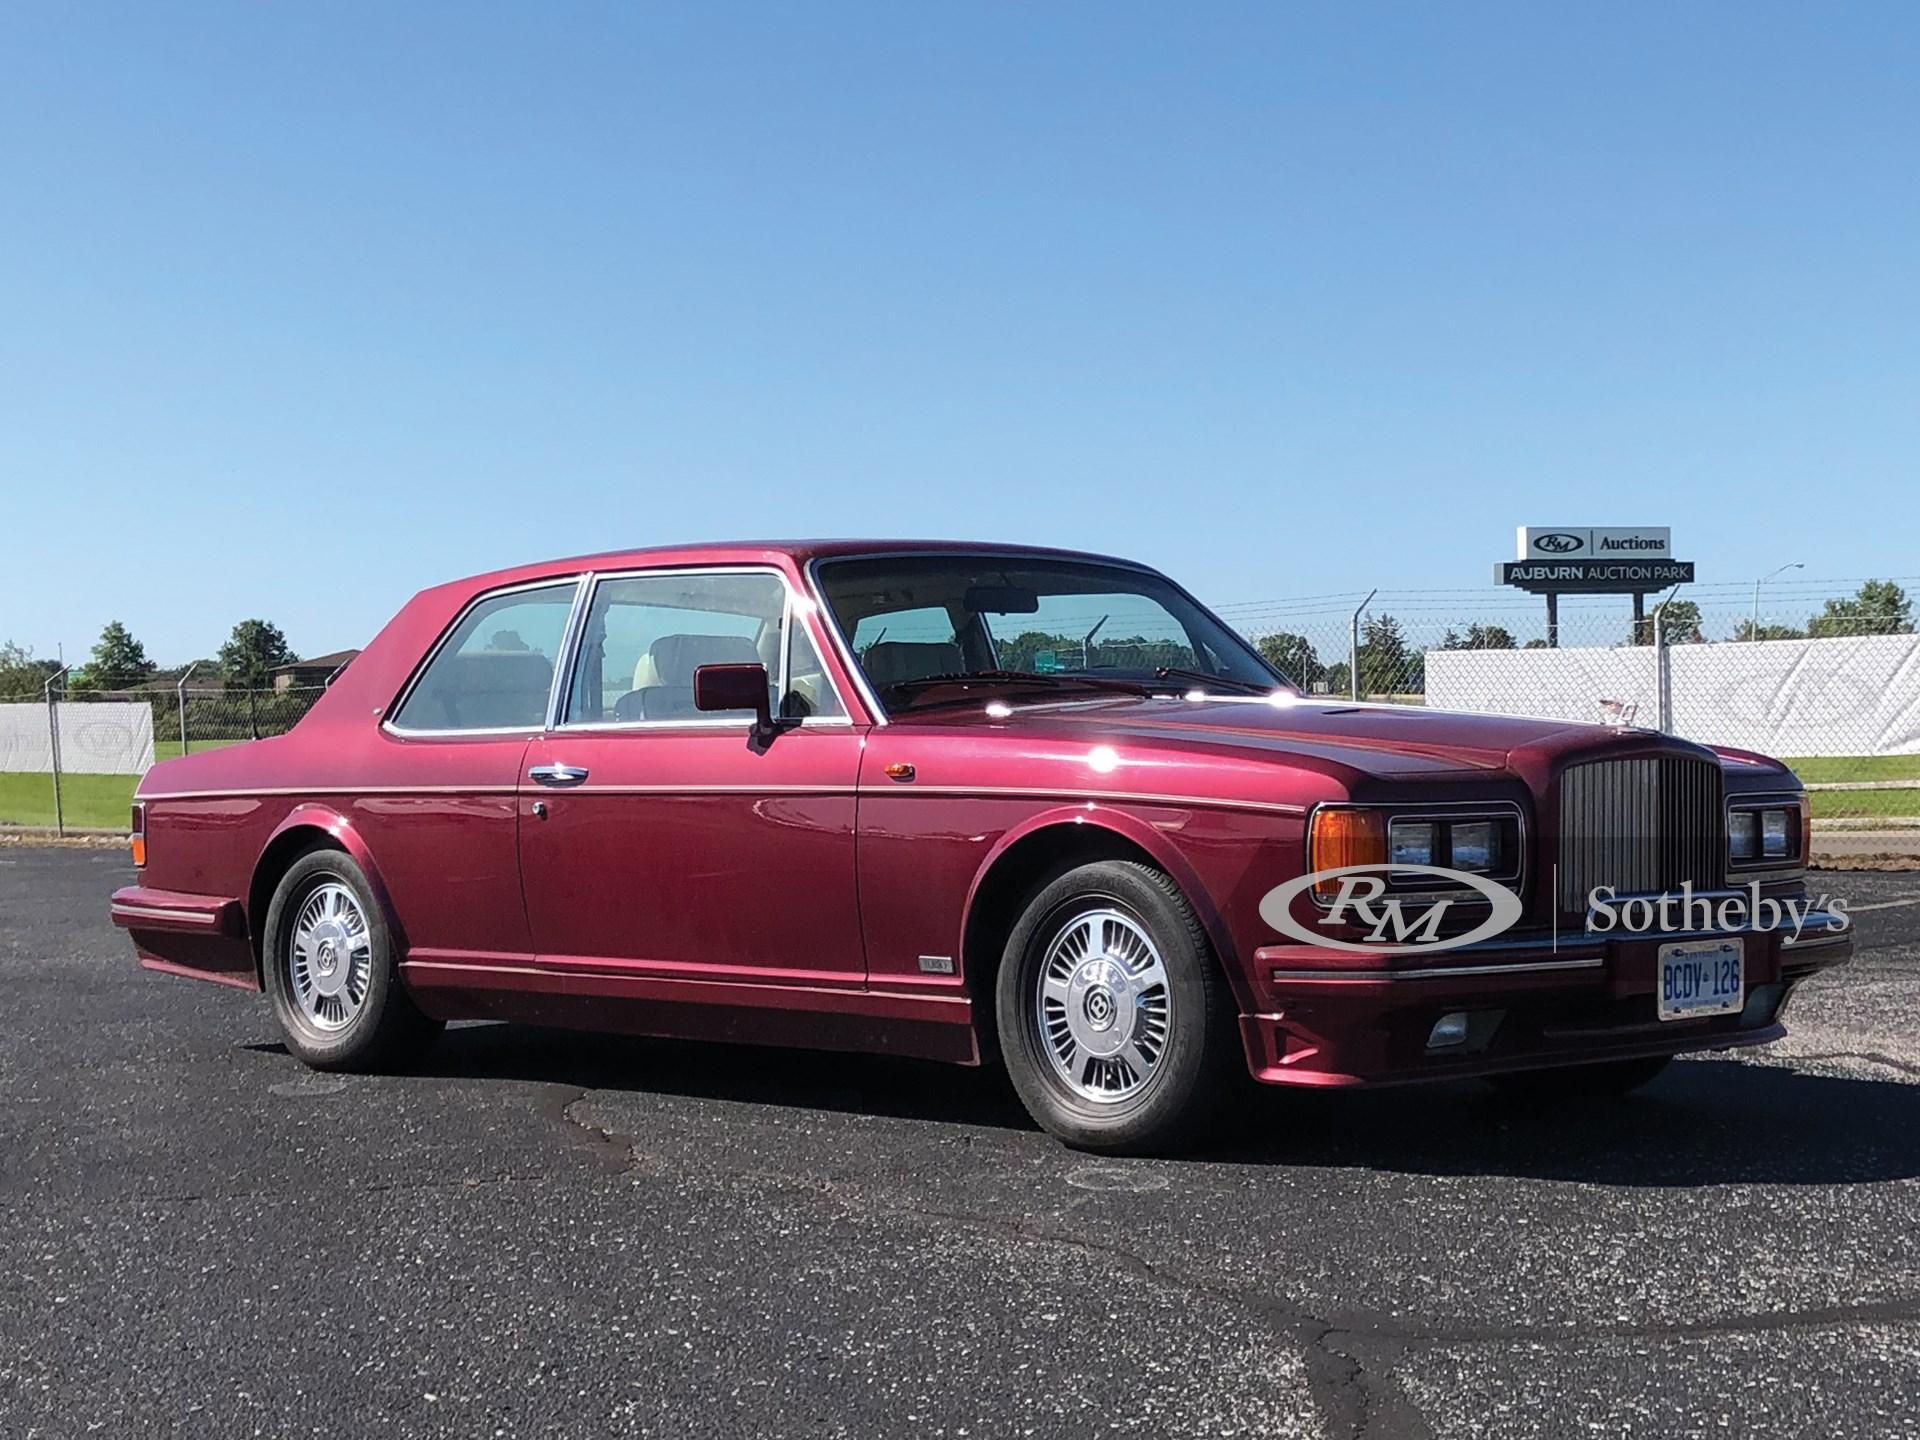 1985 Bentley Mulsanne Turbo Two-Door by Hooper & Co.